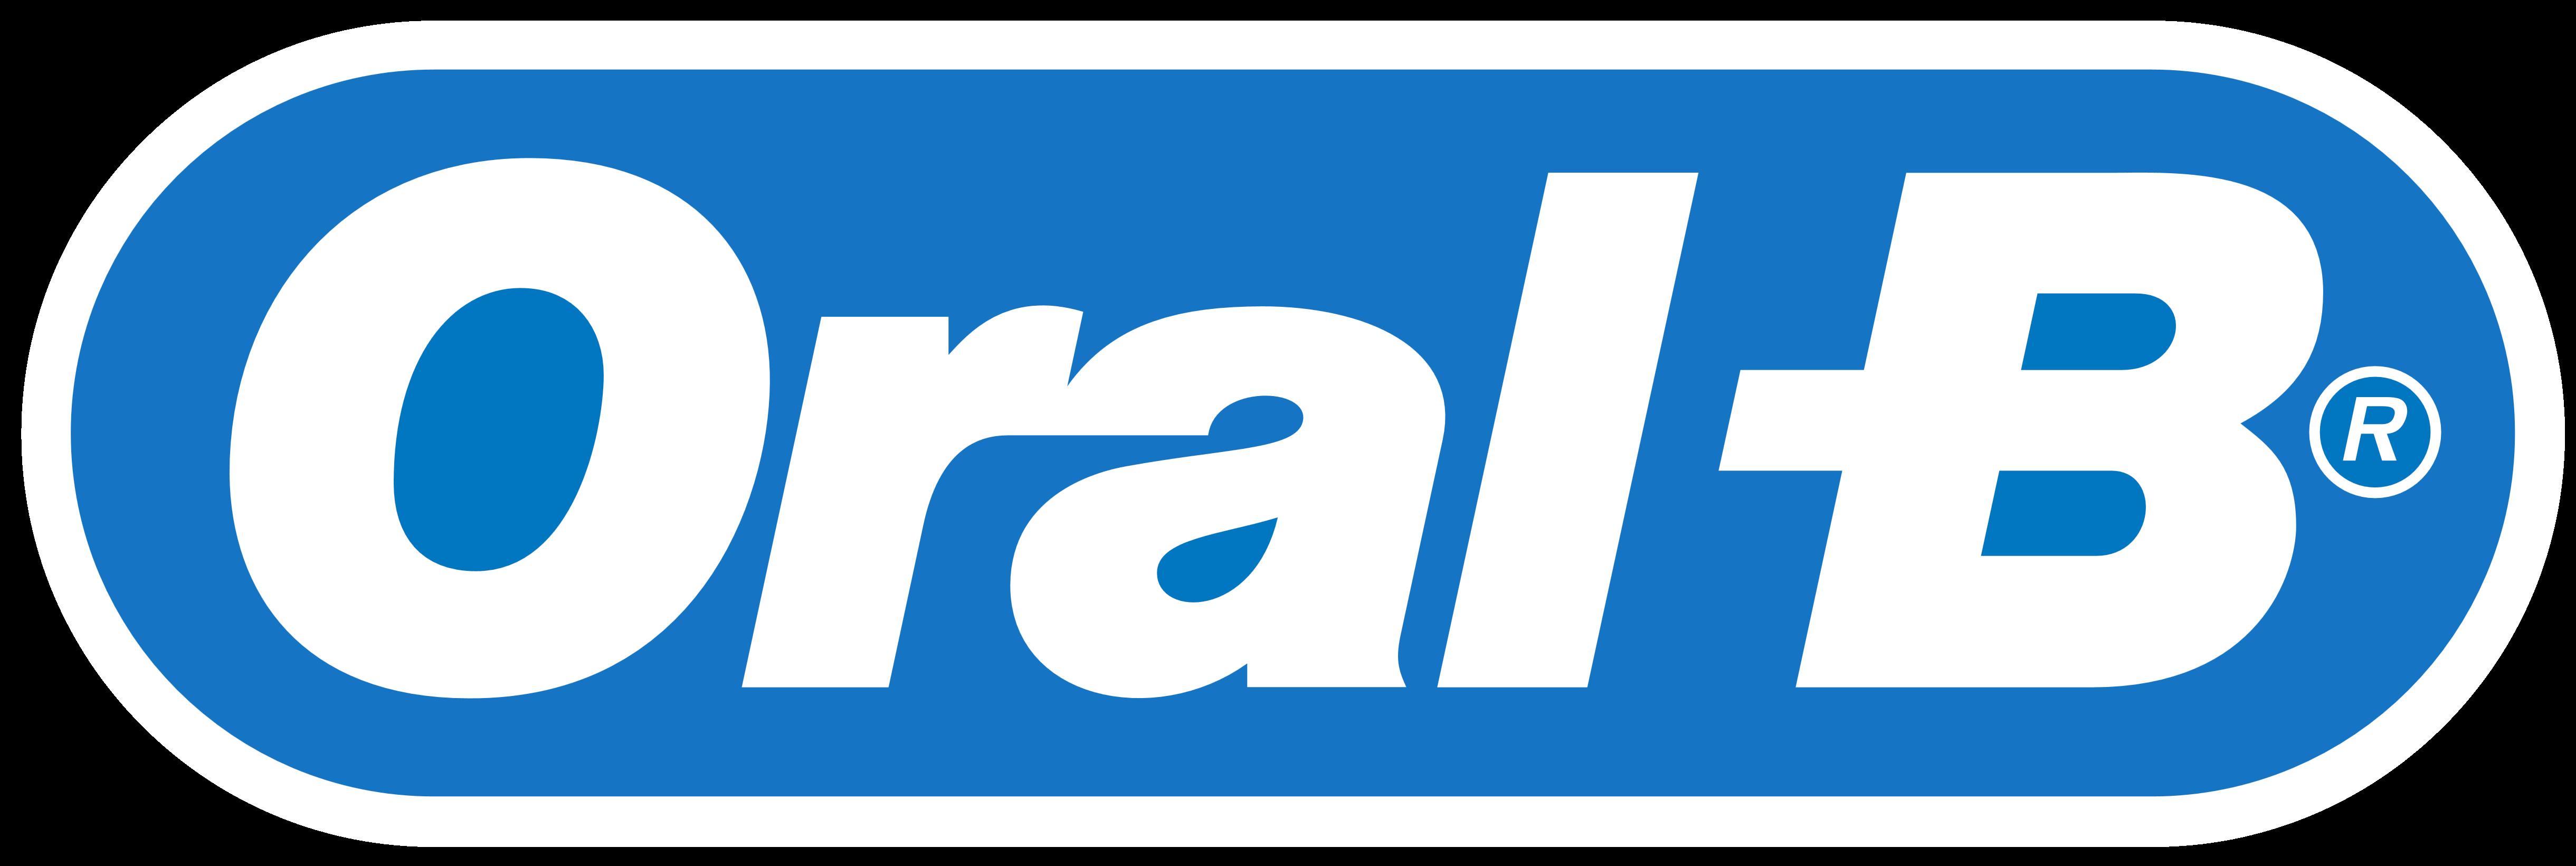 Oral B Logos Download